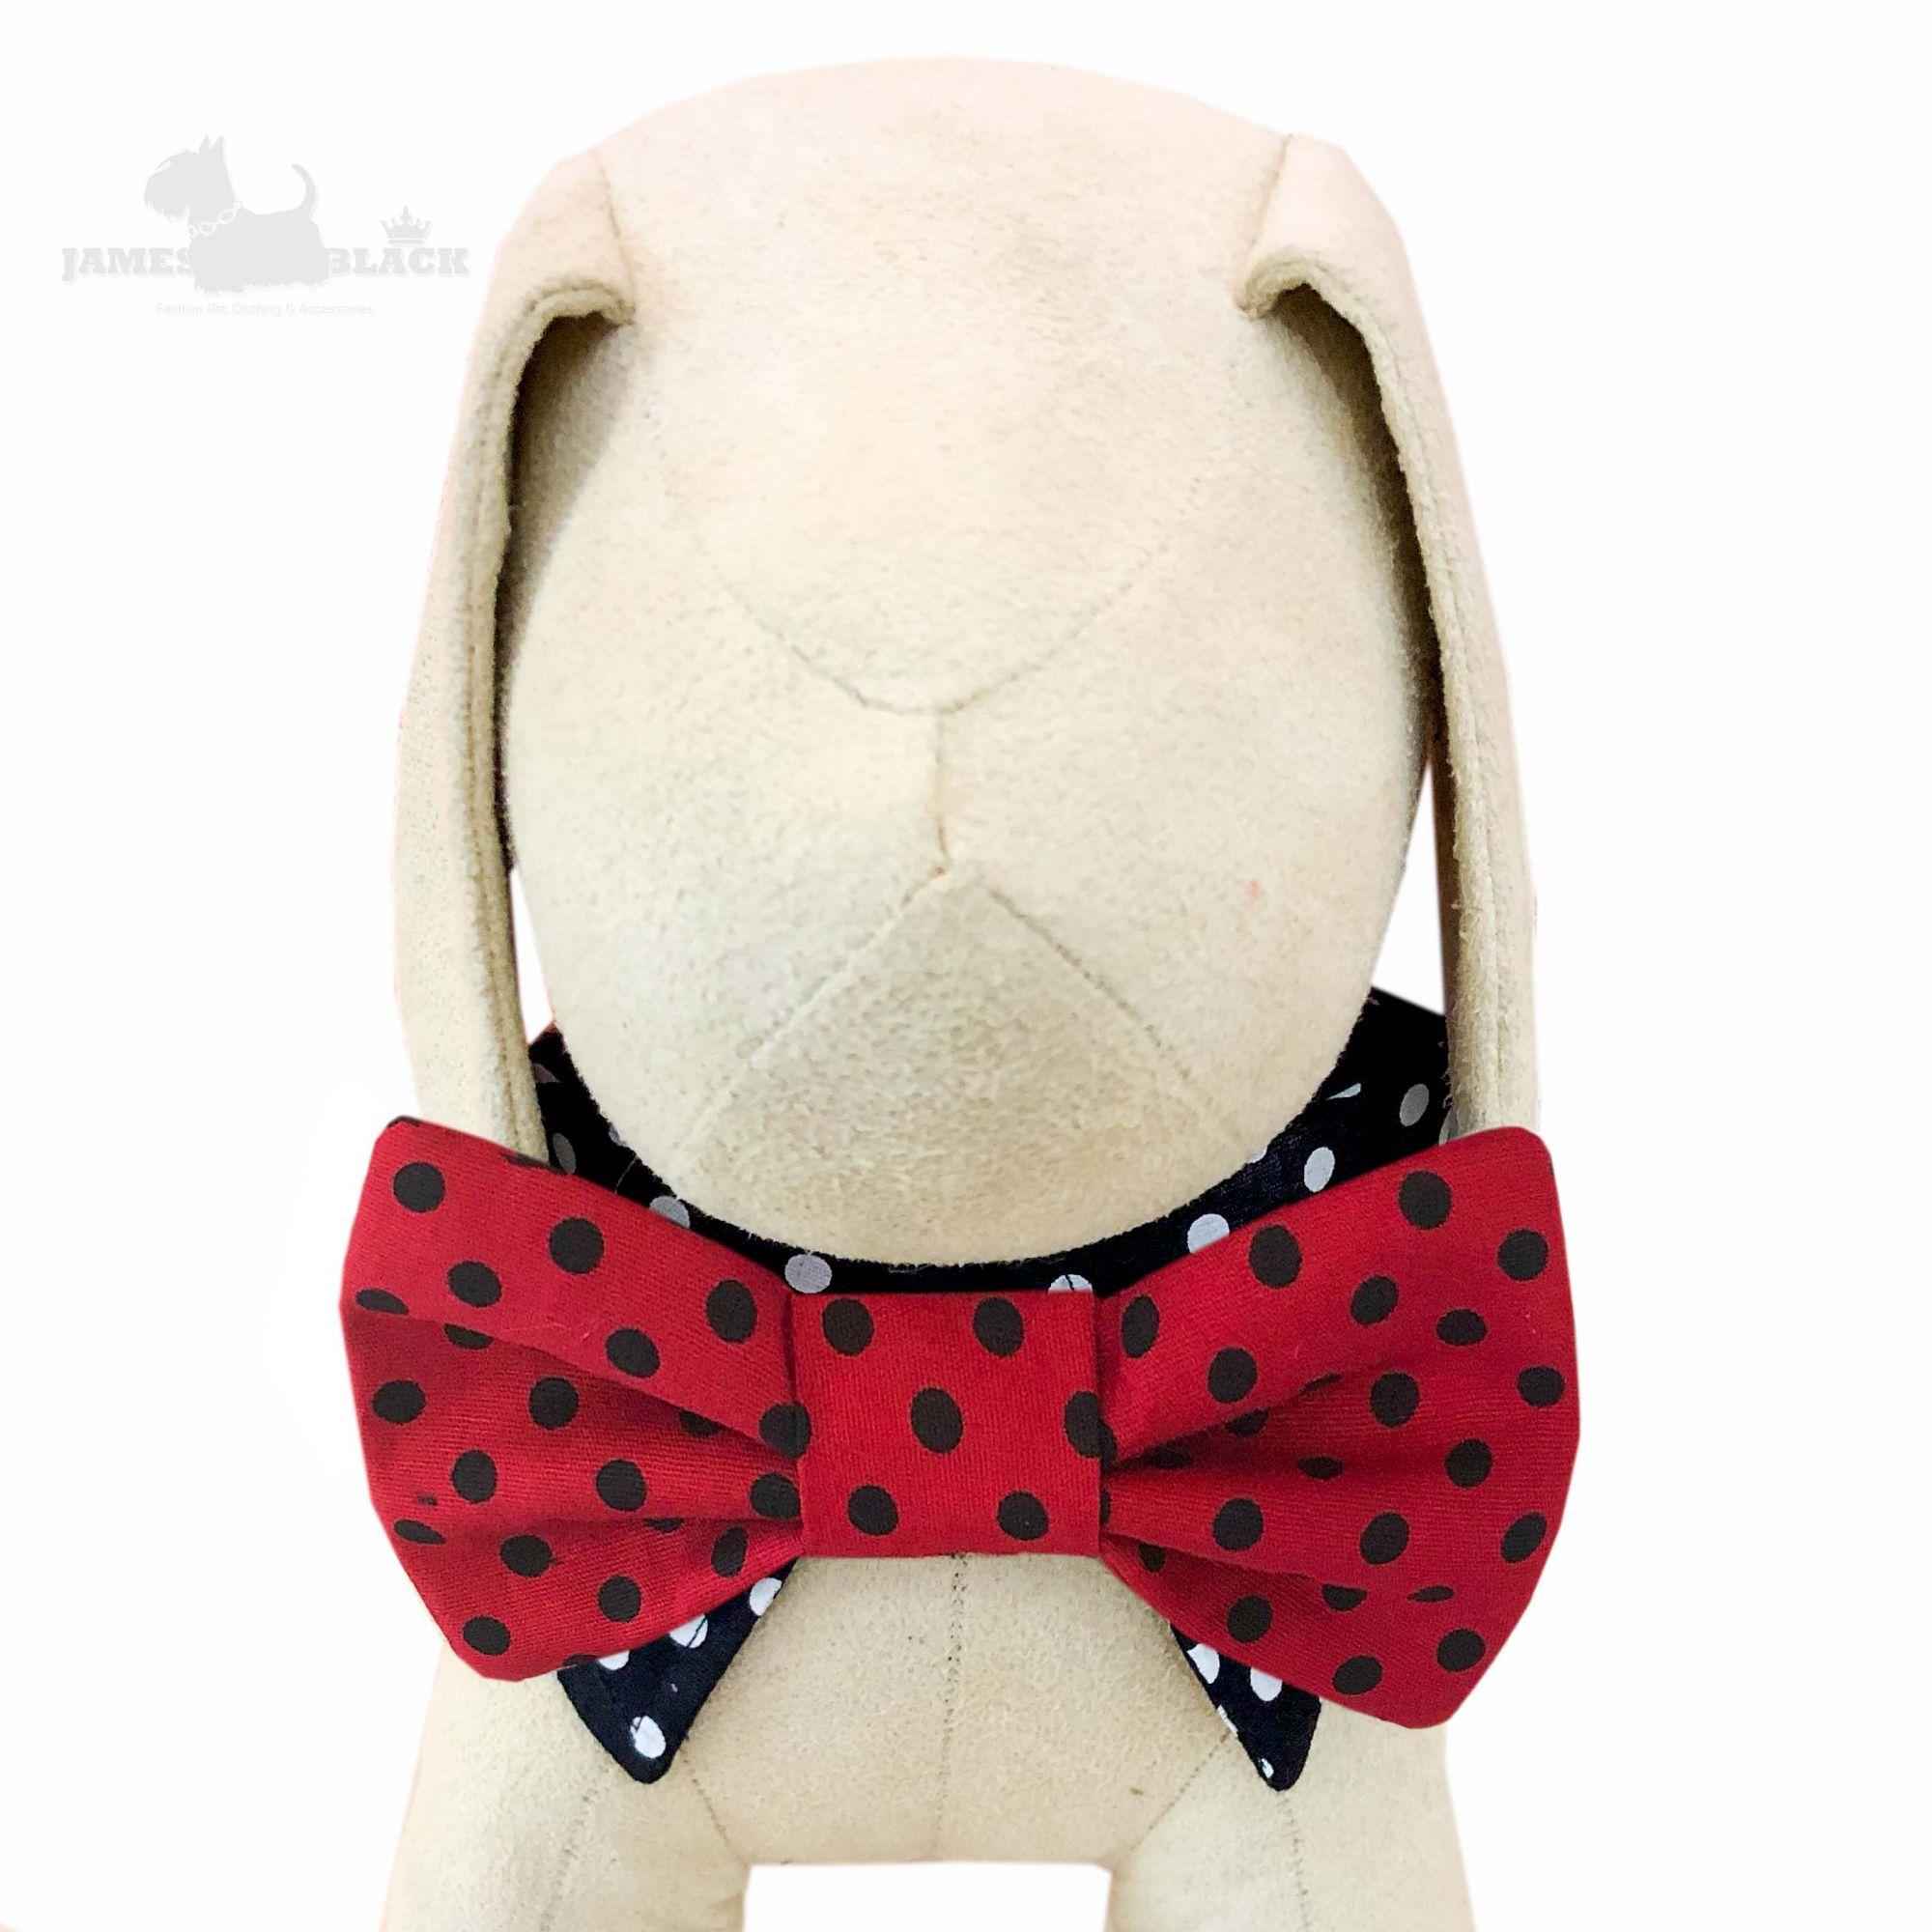 Colarinho com Gravata removível Vermelha com poá preto